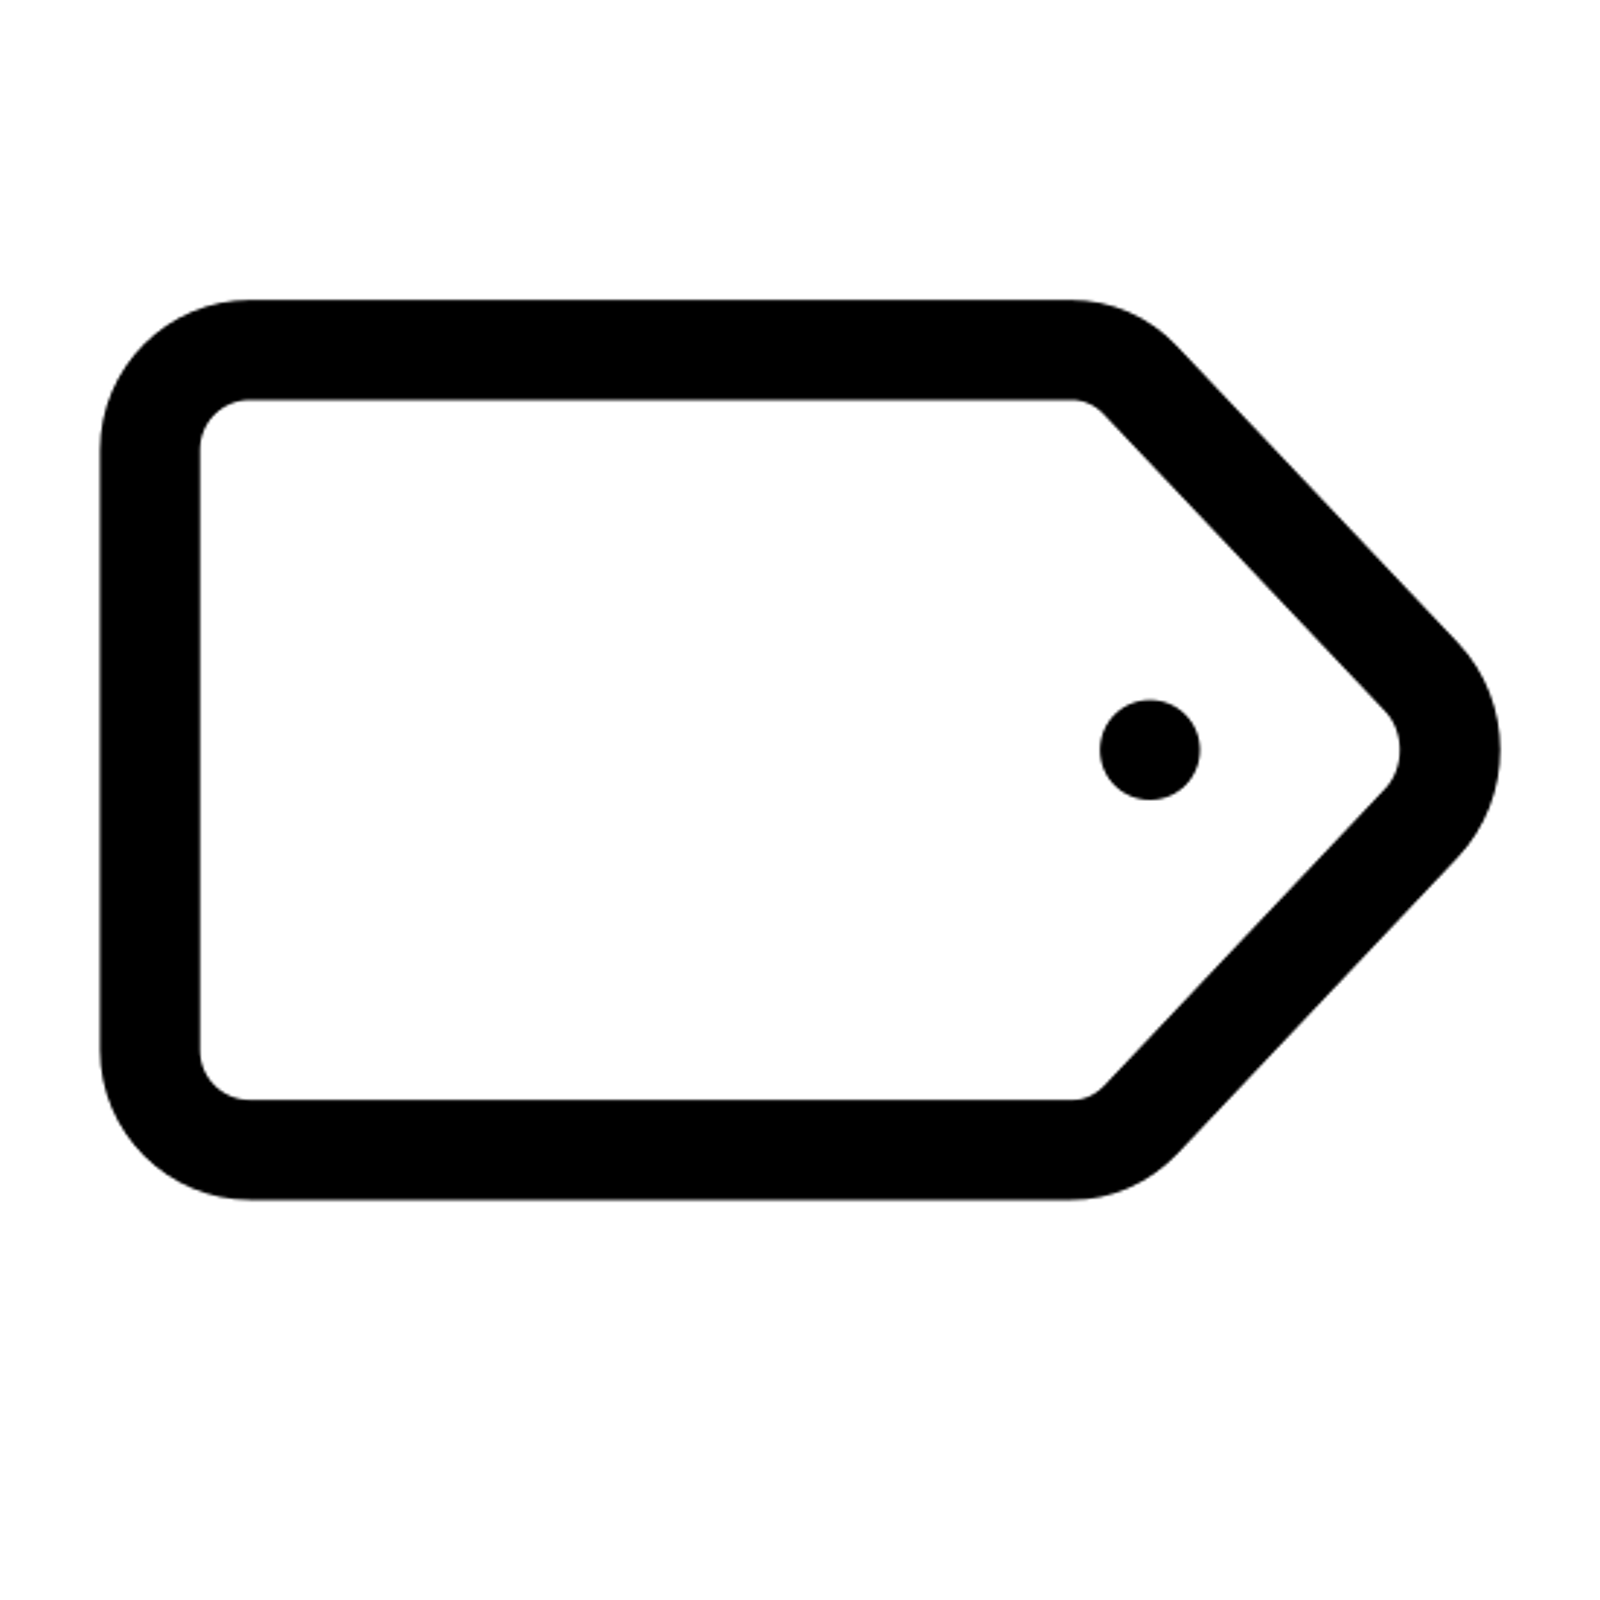 Tag Window icon